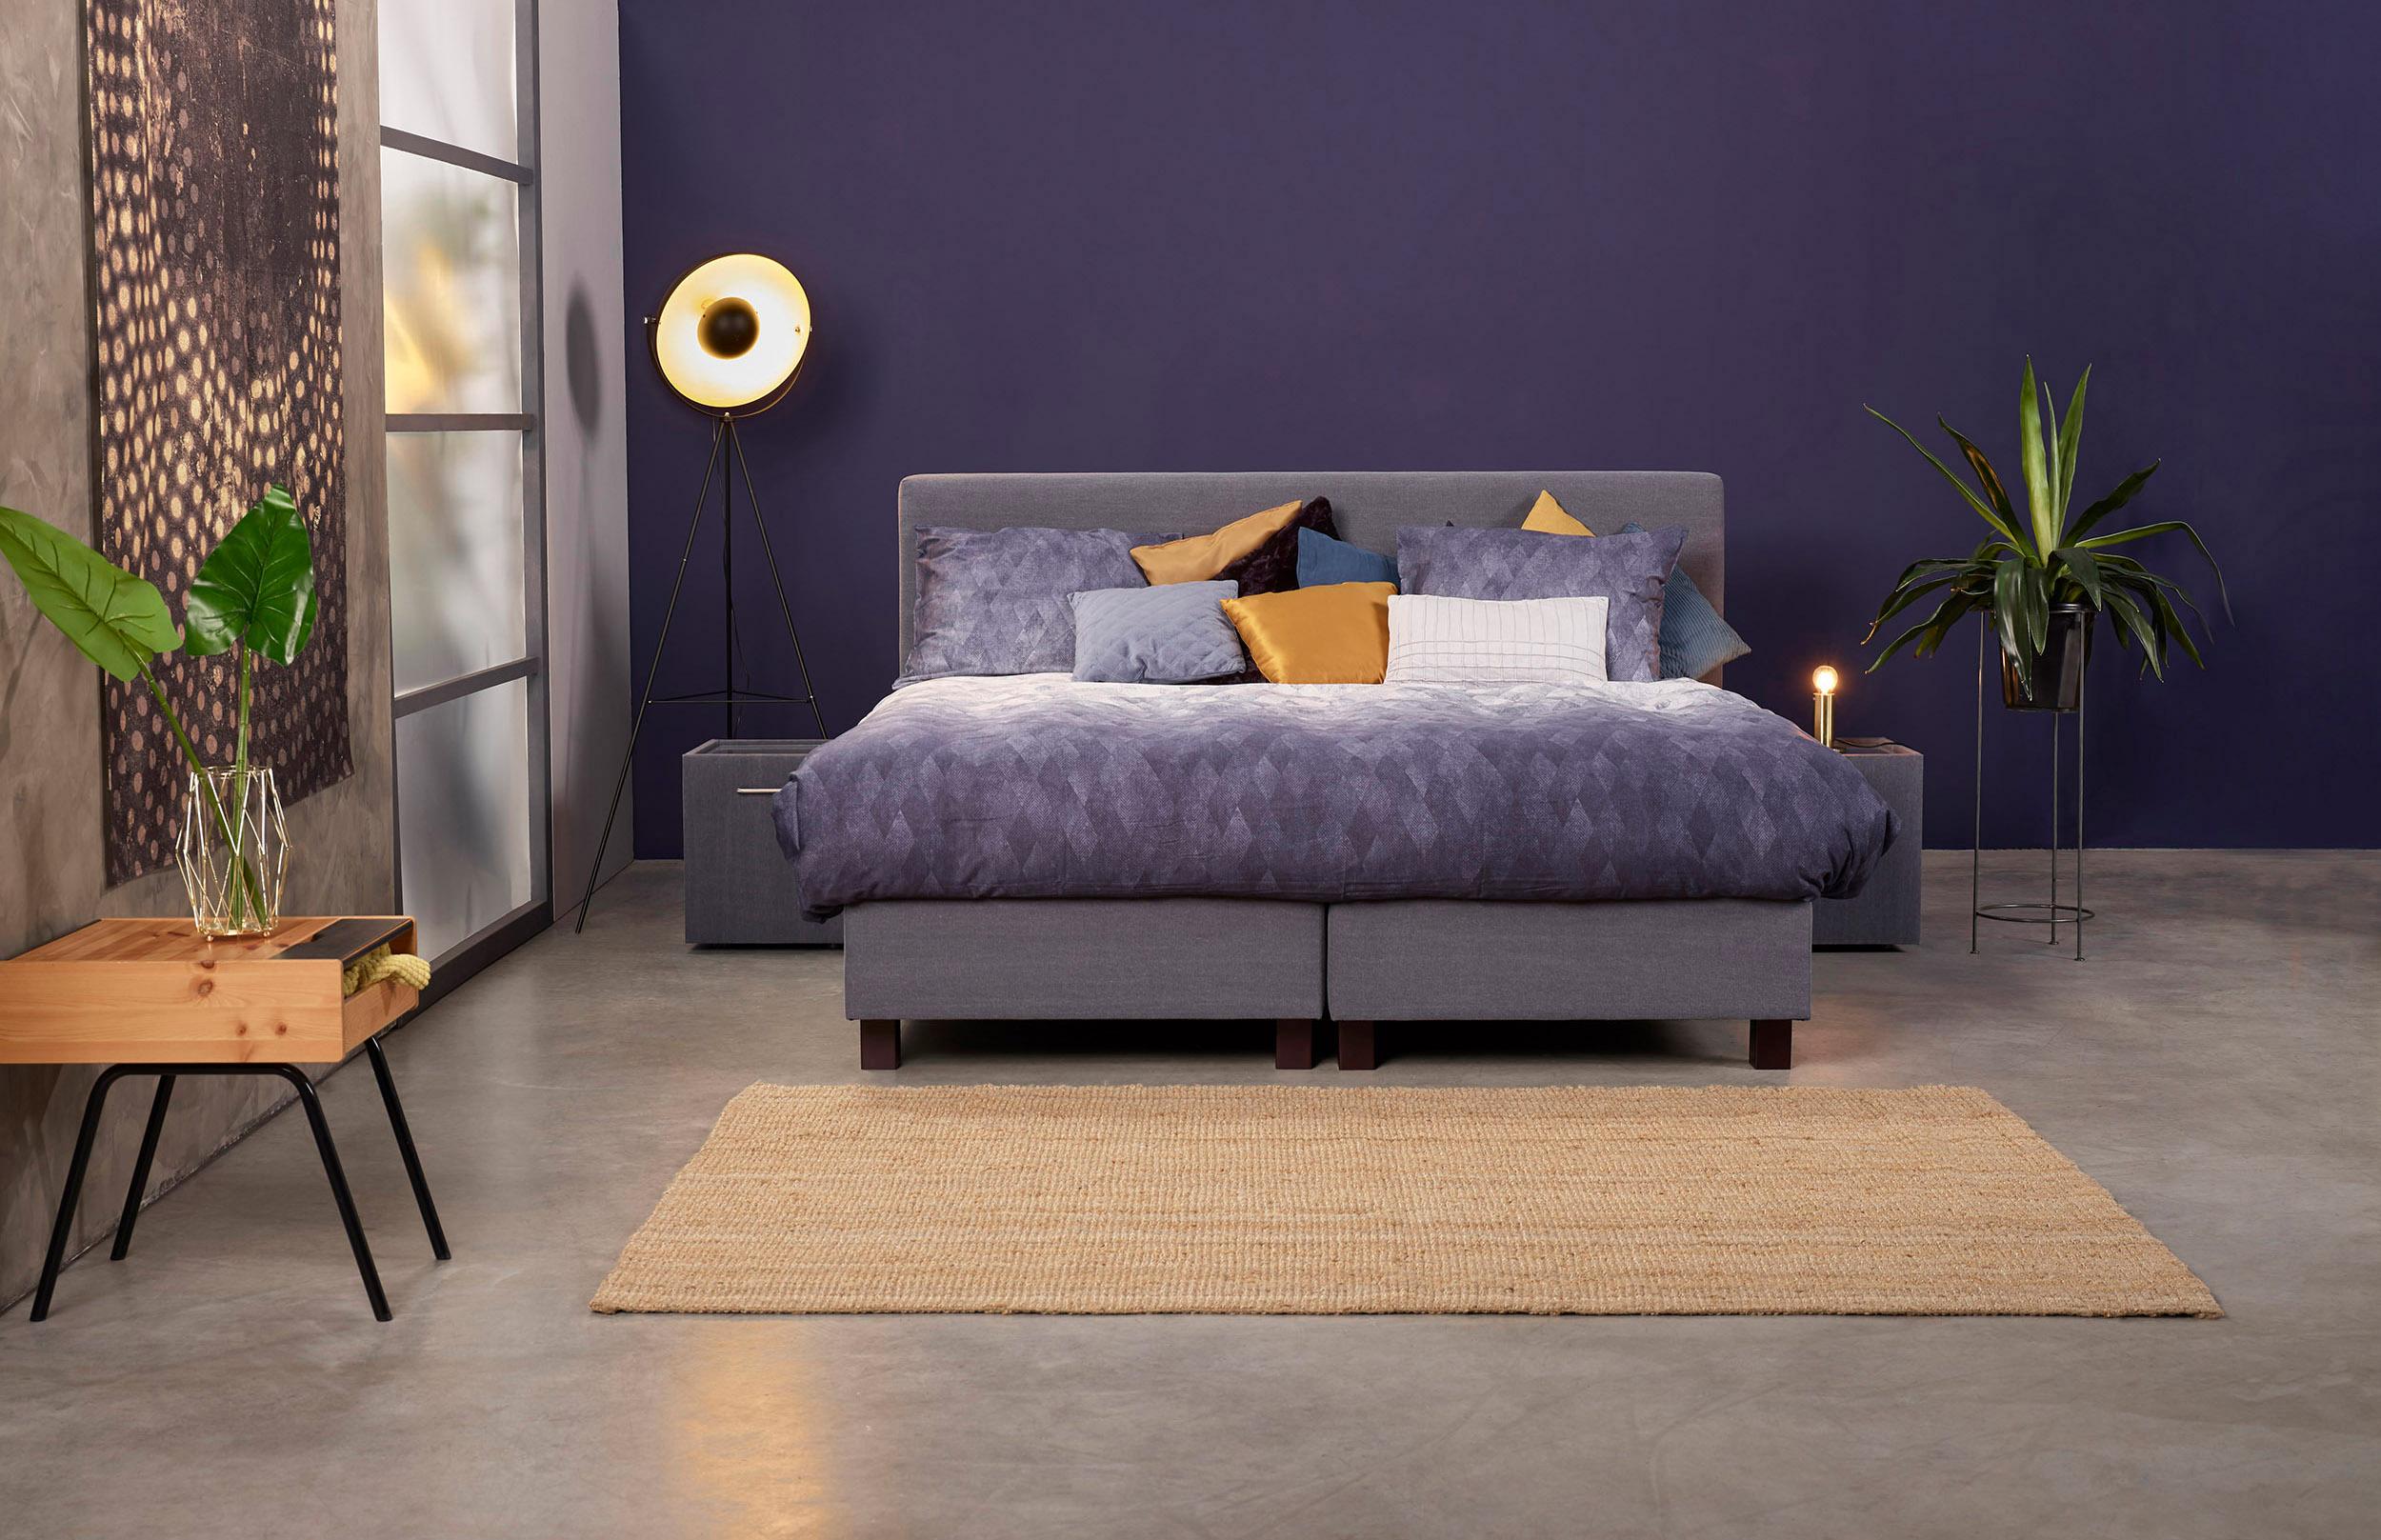 Slaapkamer-Blauw - Niek Erents Fotografie | Zakelijk